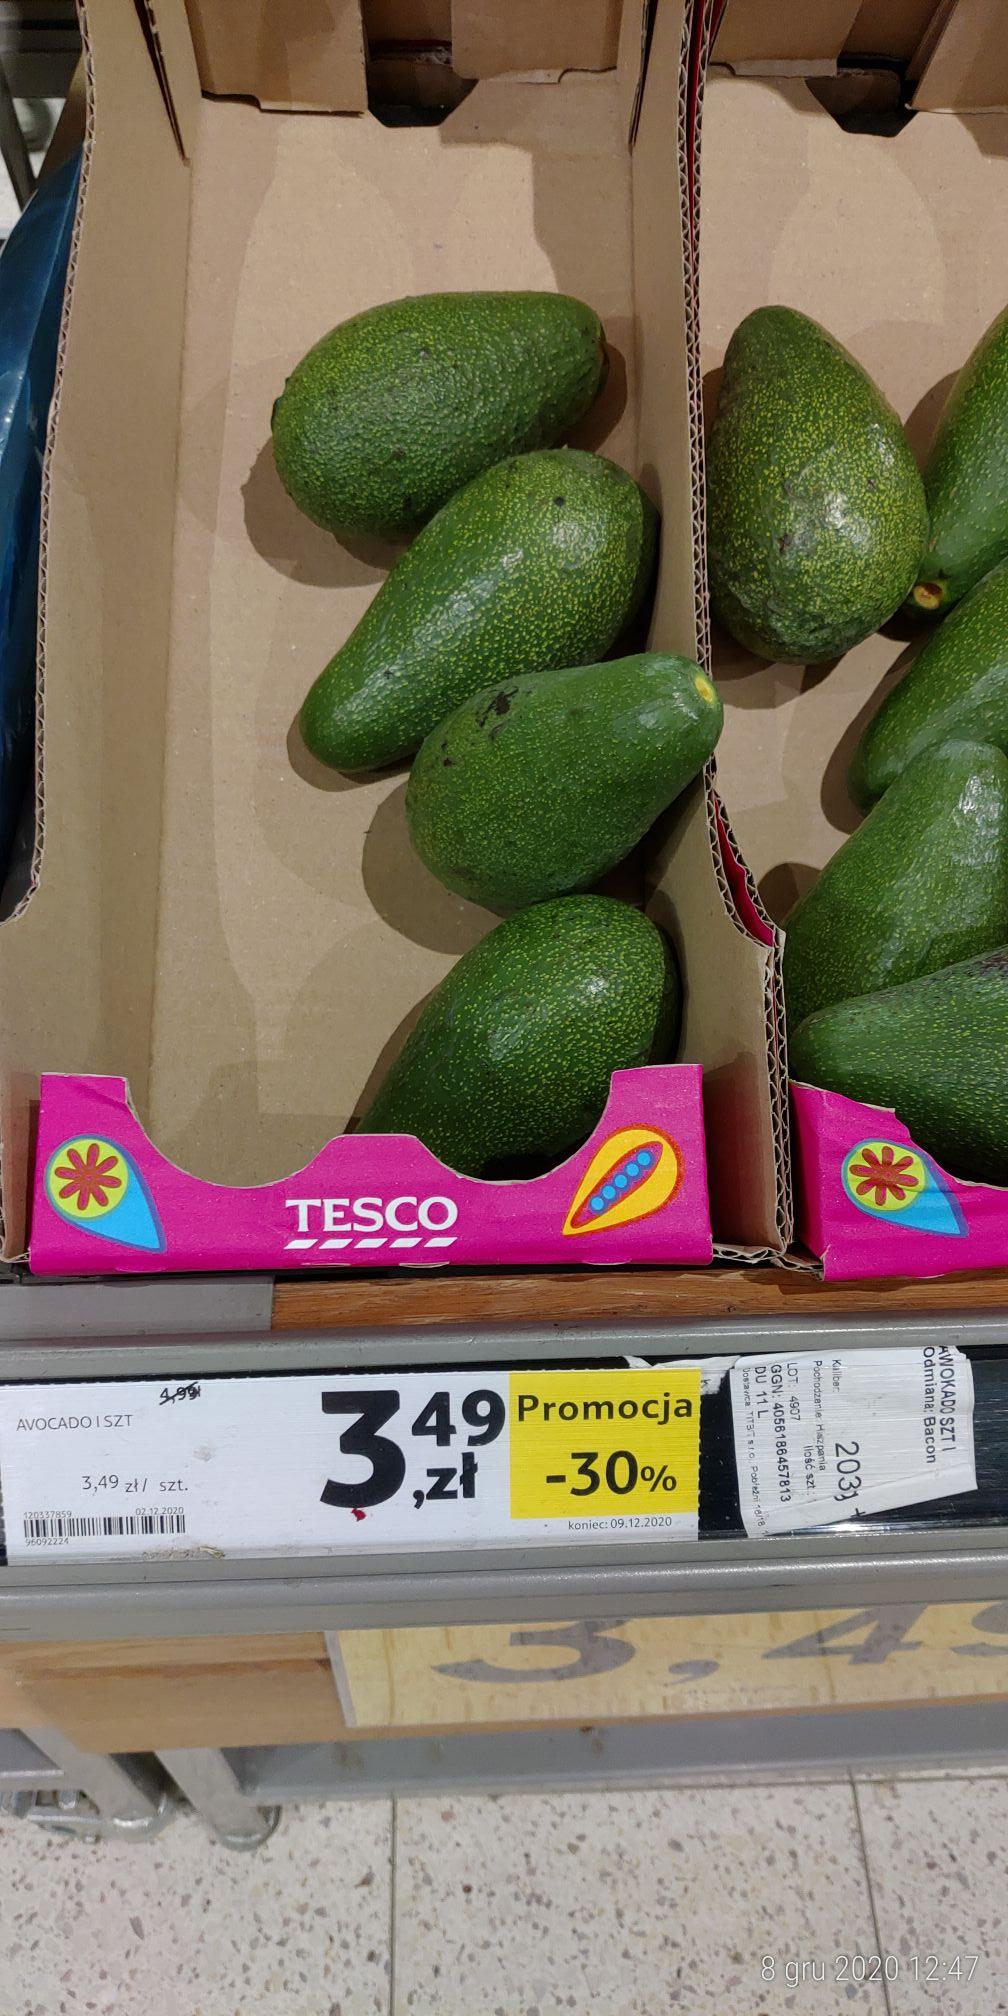 Avocado 3,49zł/1szt.@Tesco